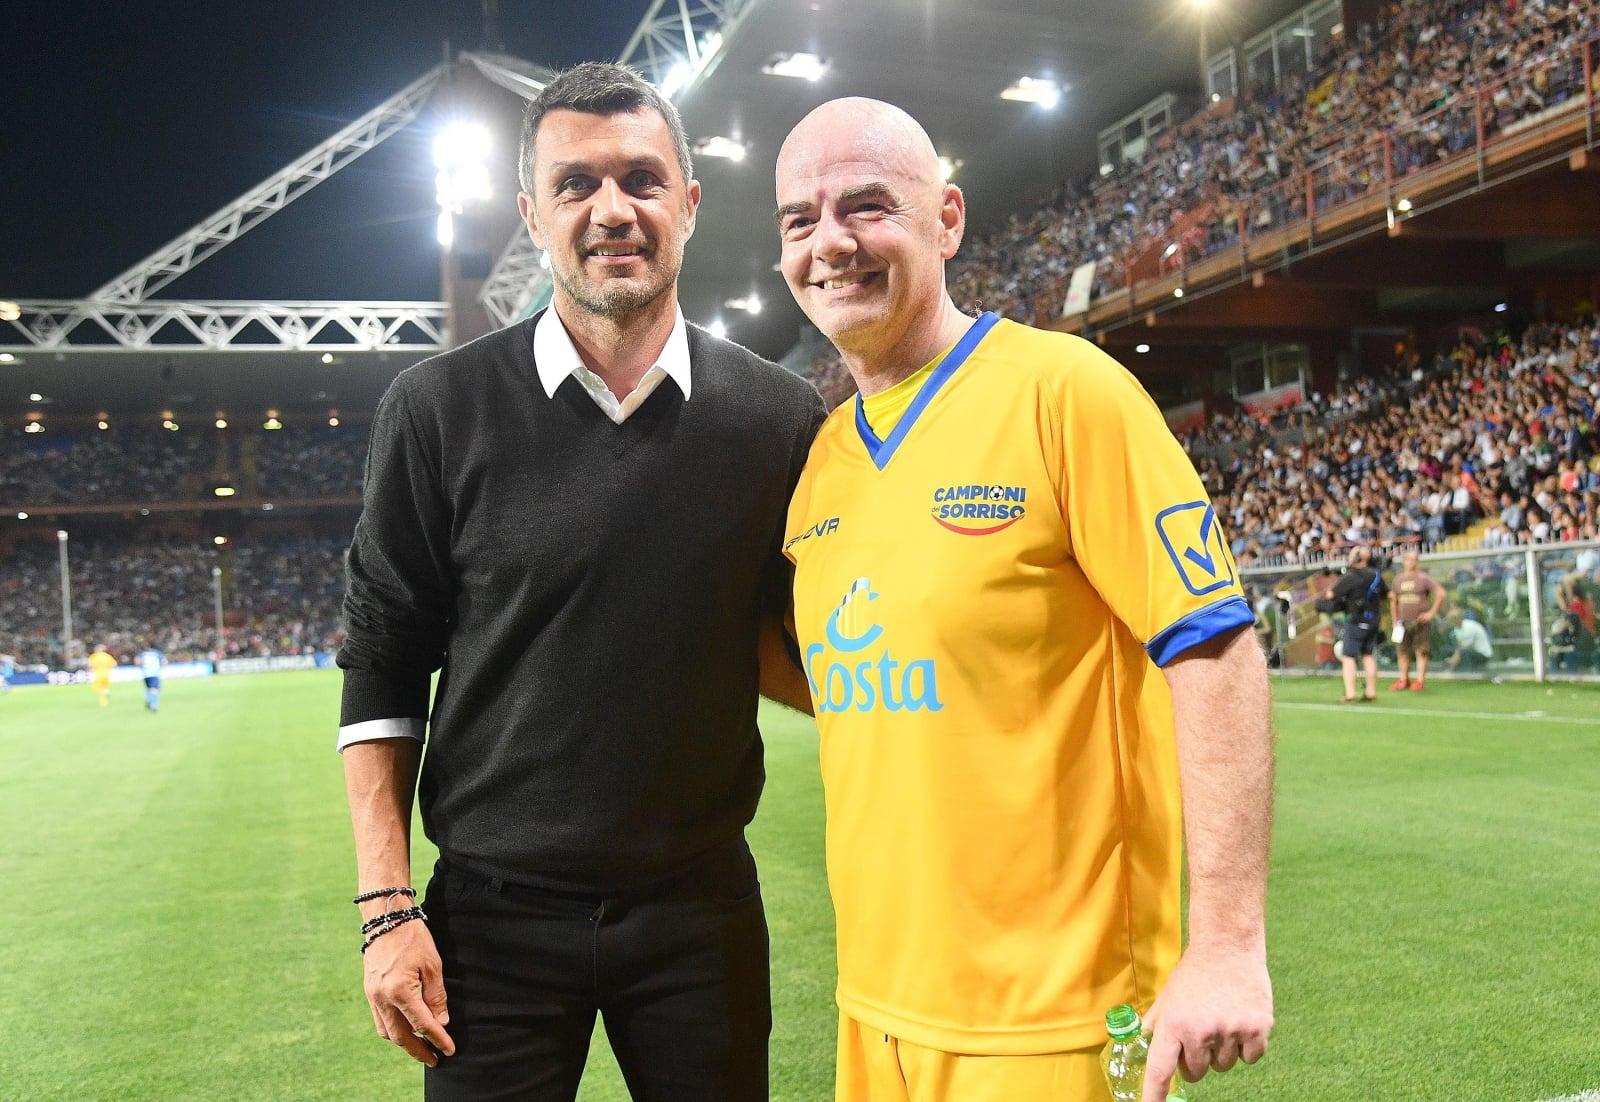 Prezydent FIFA Gianni Infantino z byłym kapitanem AC Milan Paolo Maldini podczas 27. charytatywnego